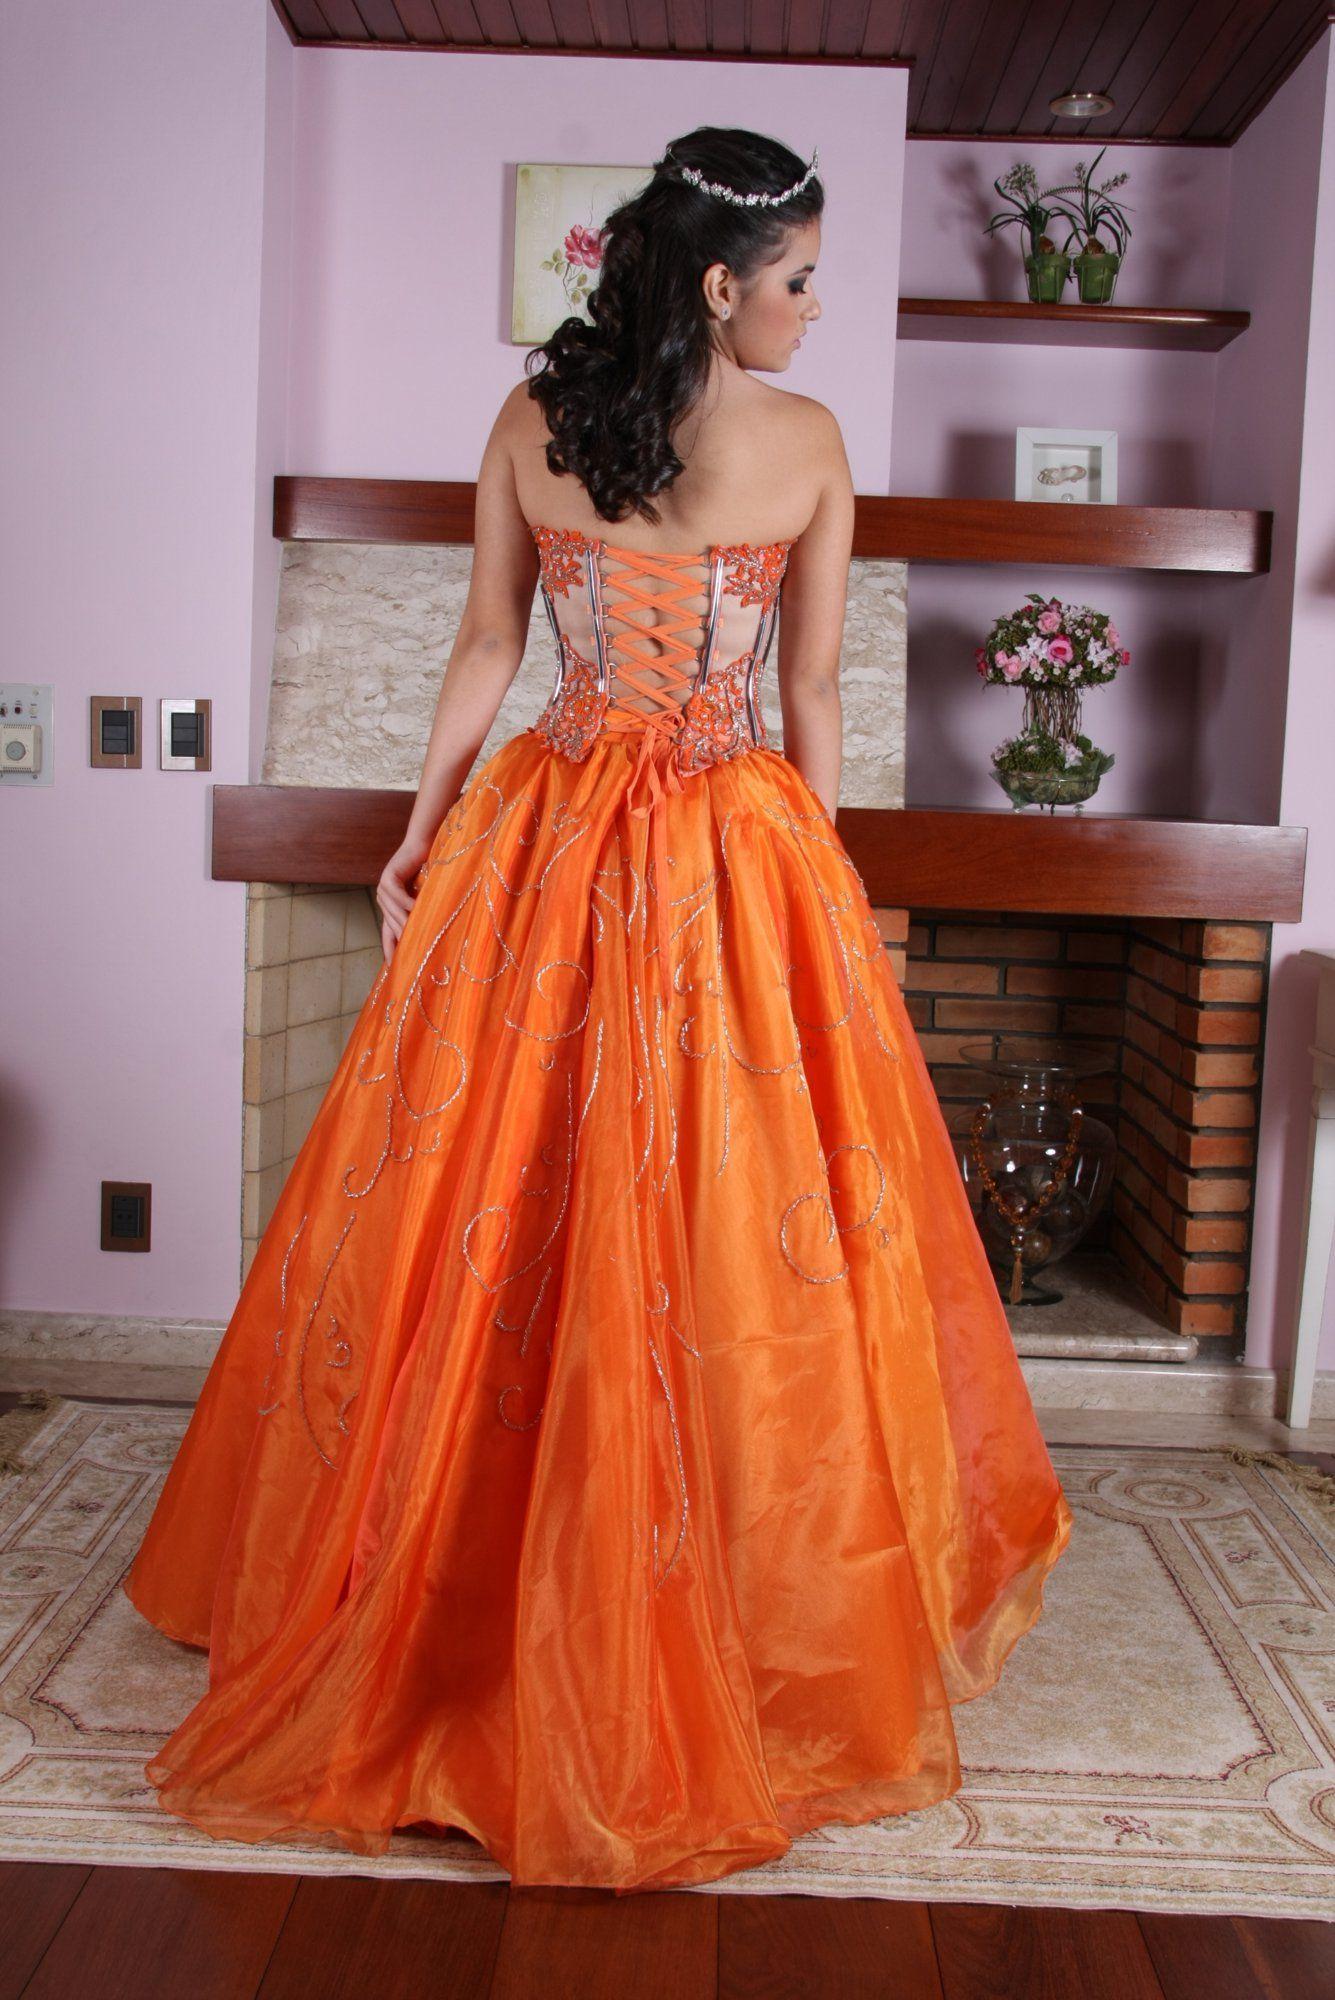 a8db1f820 Vestido de Debutante Outros Modelos - 8 - 3 - Hipnose Alta Costura e Spa  para